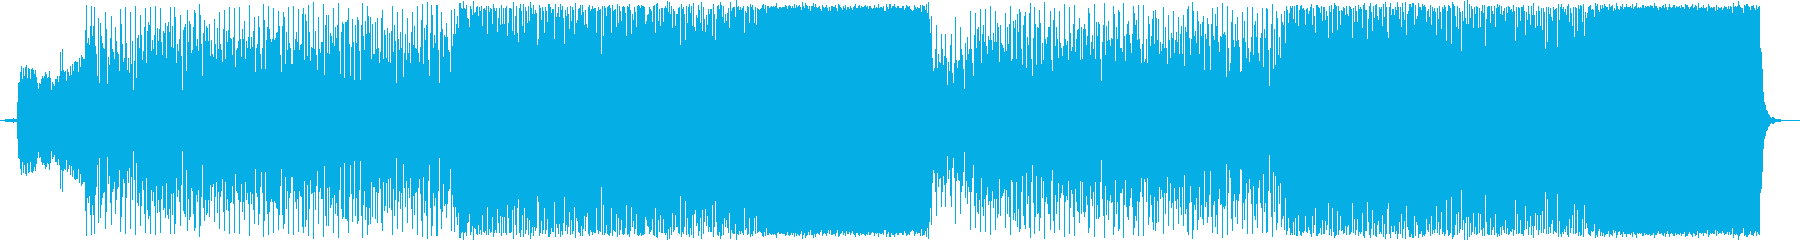 チェロを用いたオシャレなロックBGMの再生済みの波形